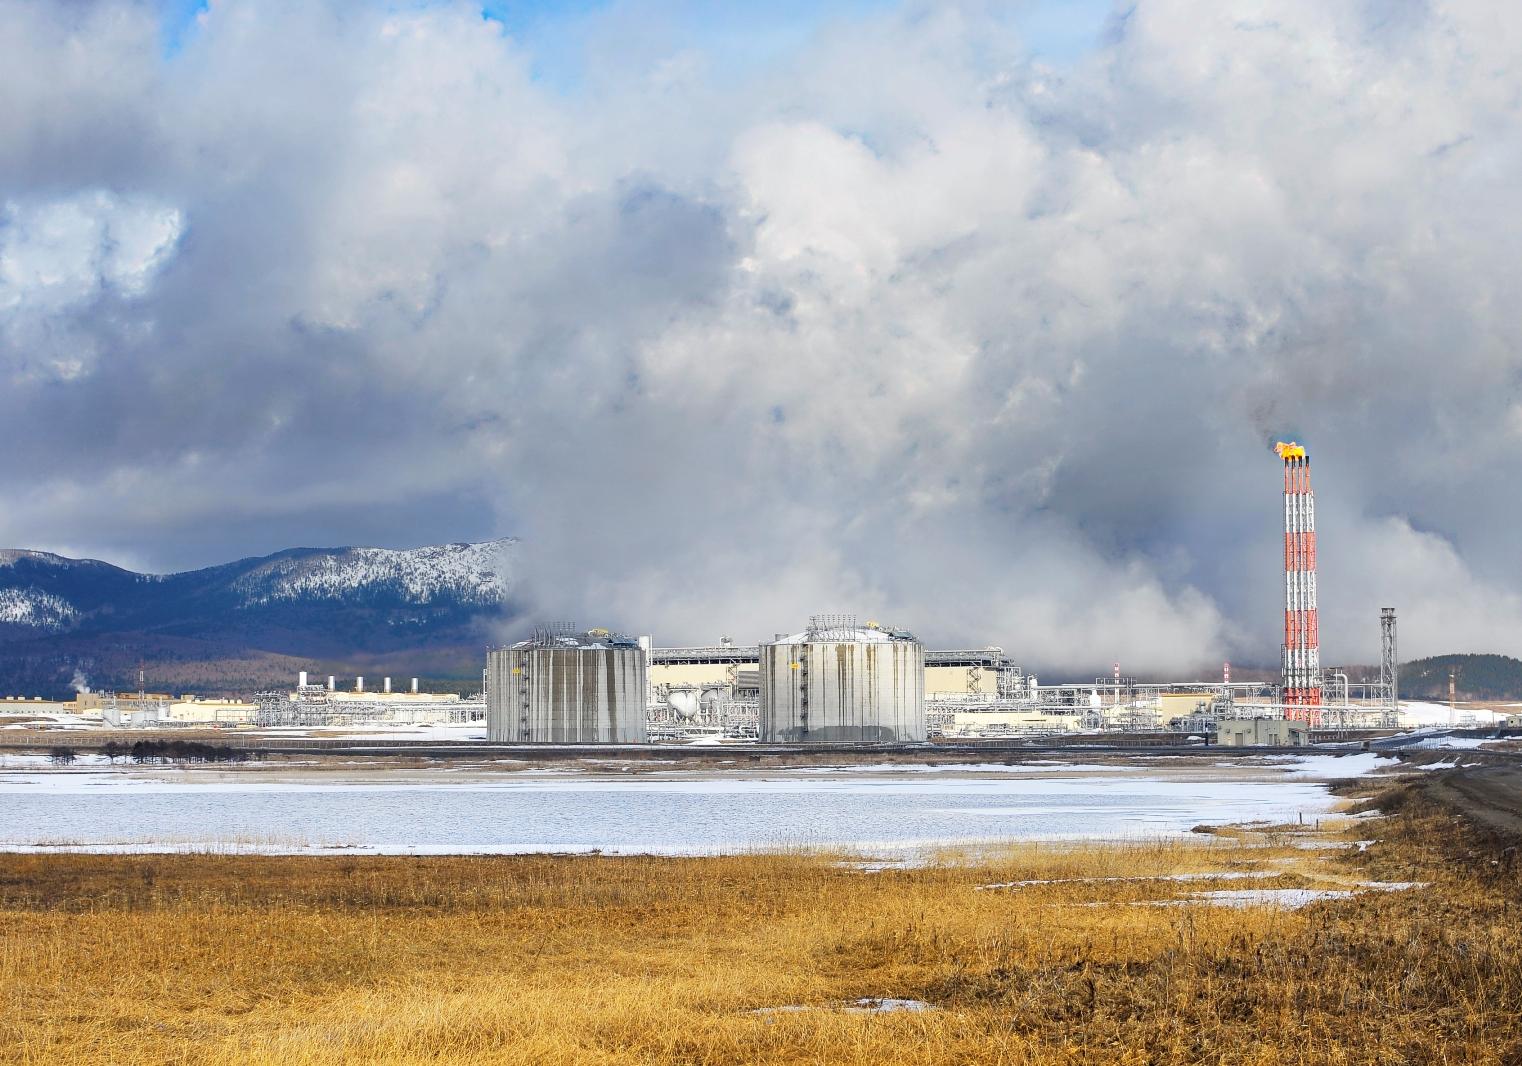 Газпром принял инвестрешение по строительству завода СПГ в Усть-Луге